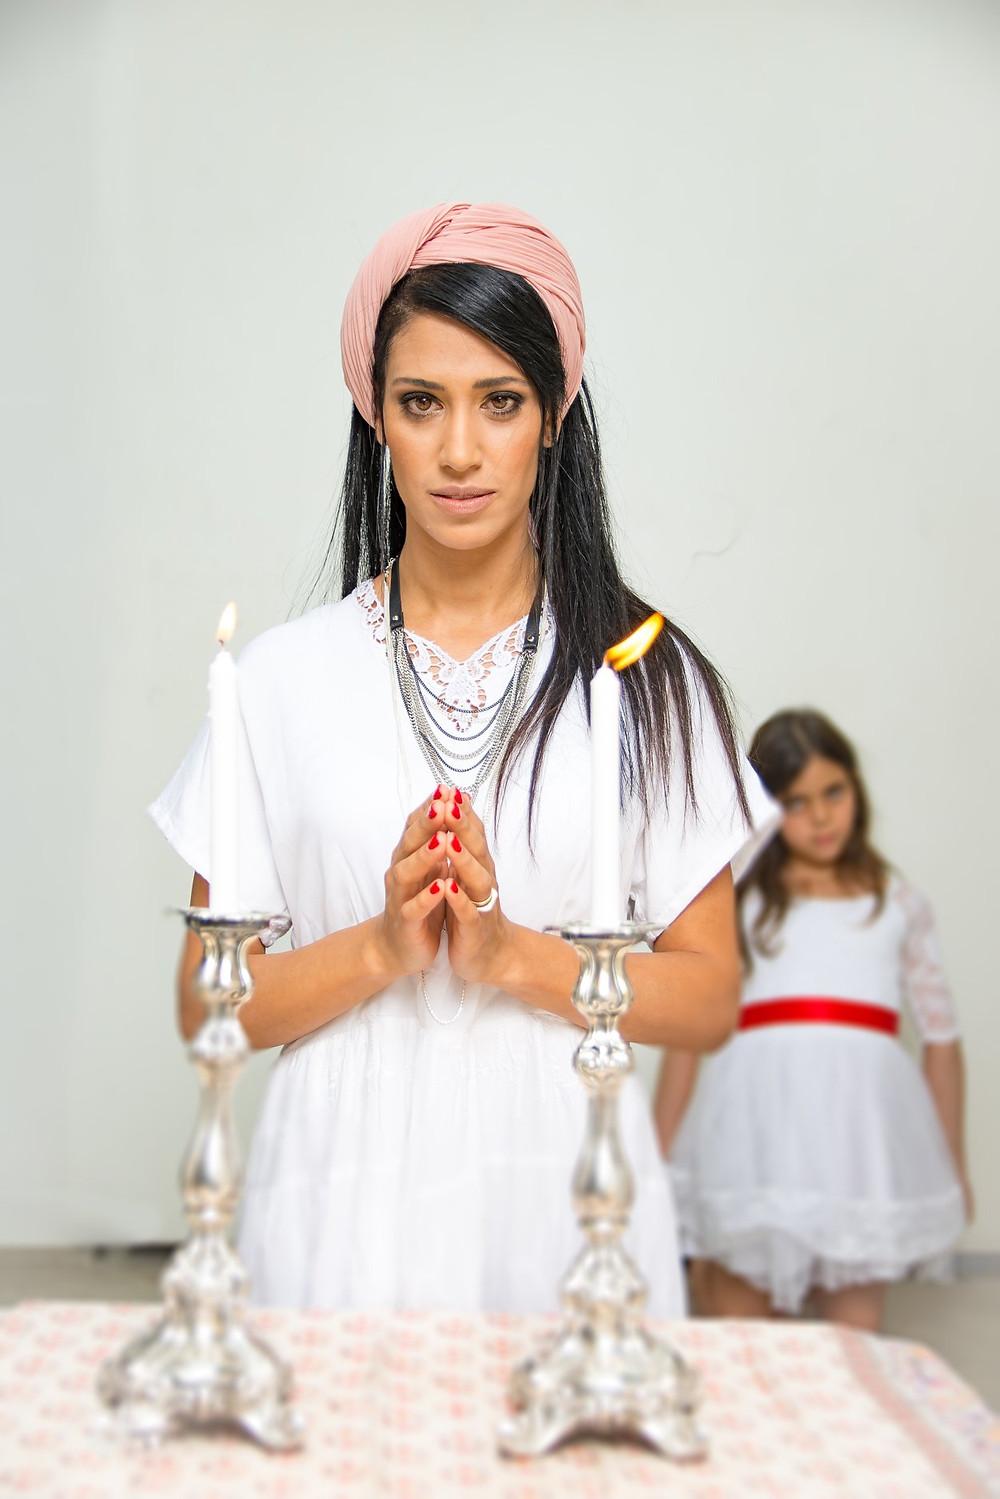 שמלה: חן קאופמן-כהן, תכשיטים: רשת טופ טן, מטפחת: אוסף פרטי, שמלת ילדה: אצבעונית. צילום: מיטל אזולאי